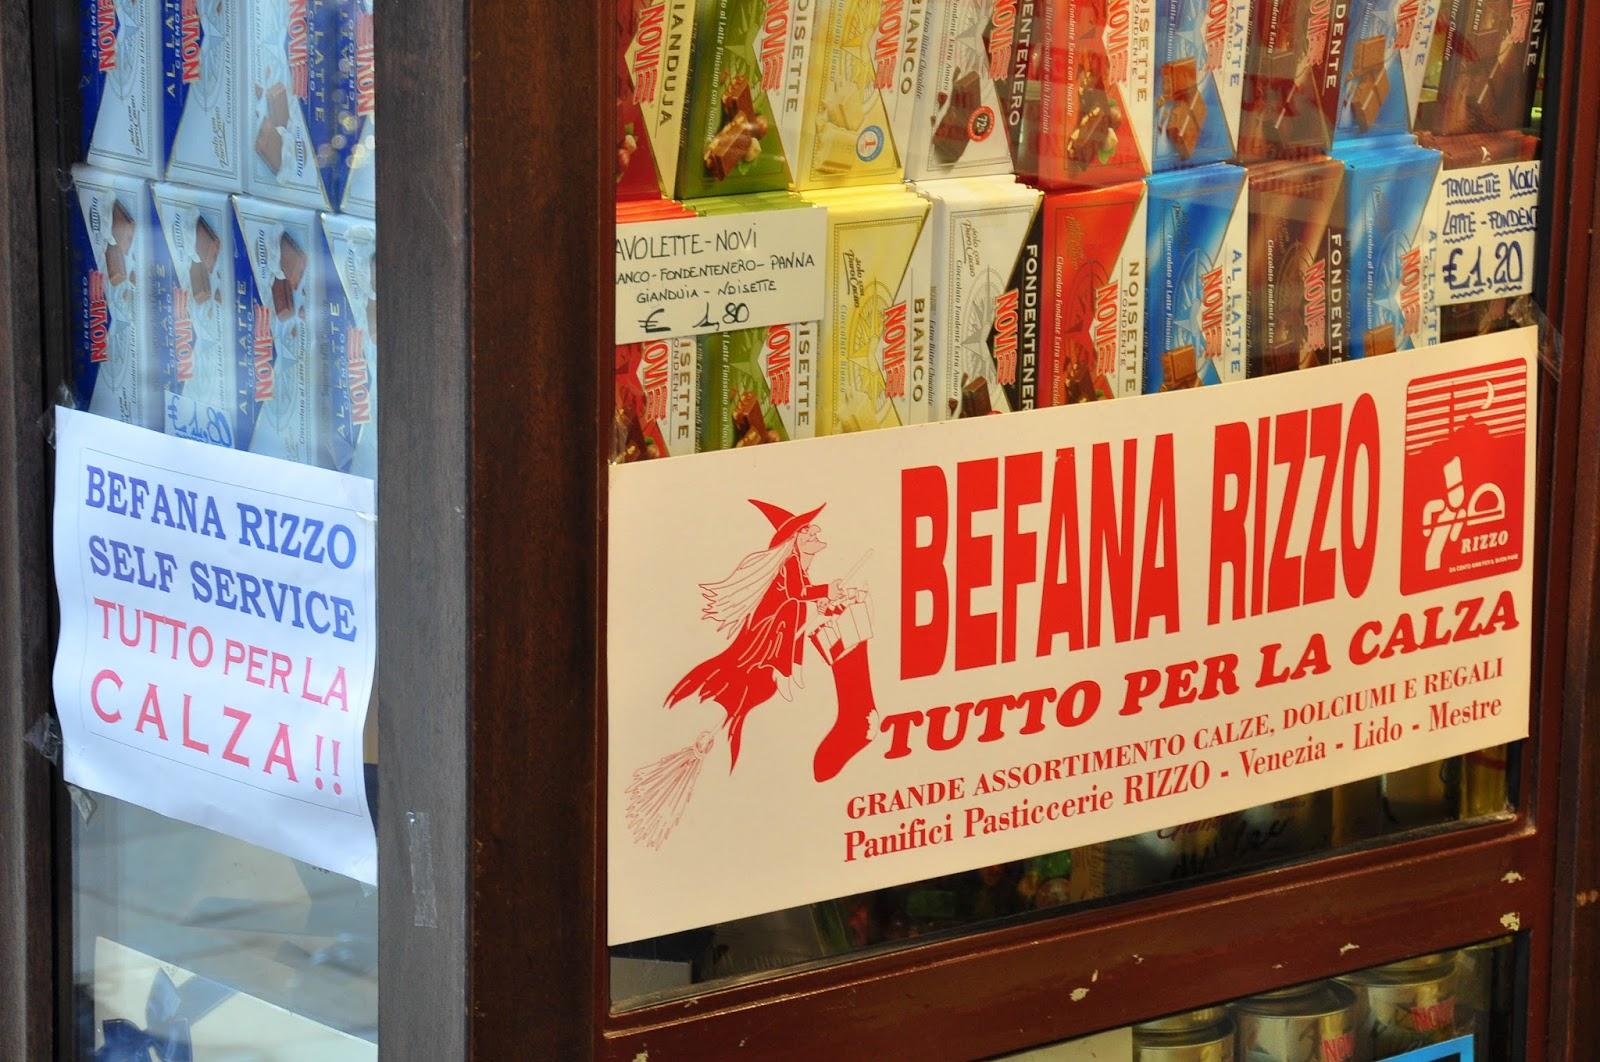 Befana, Shop window, Venice, Italy